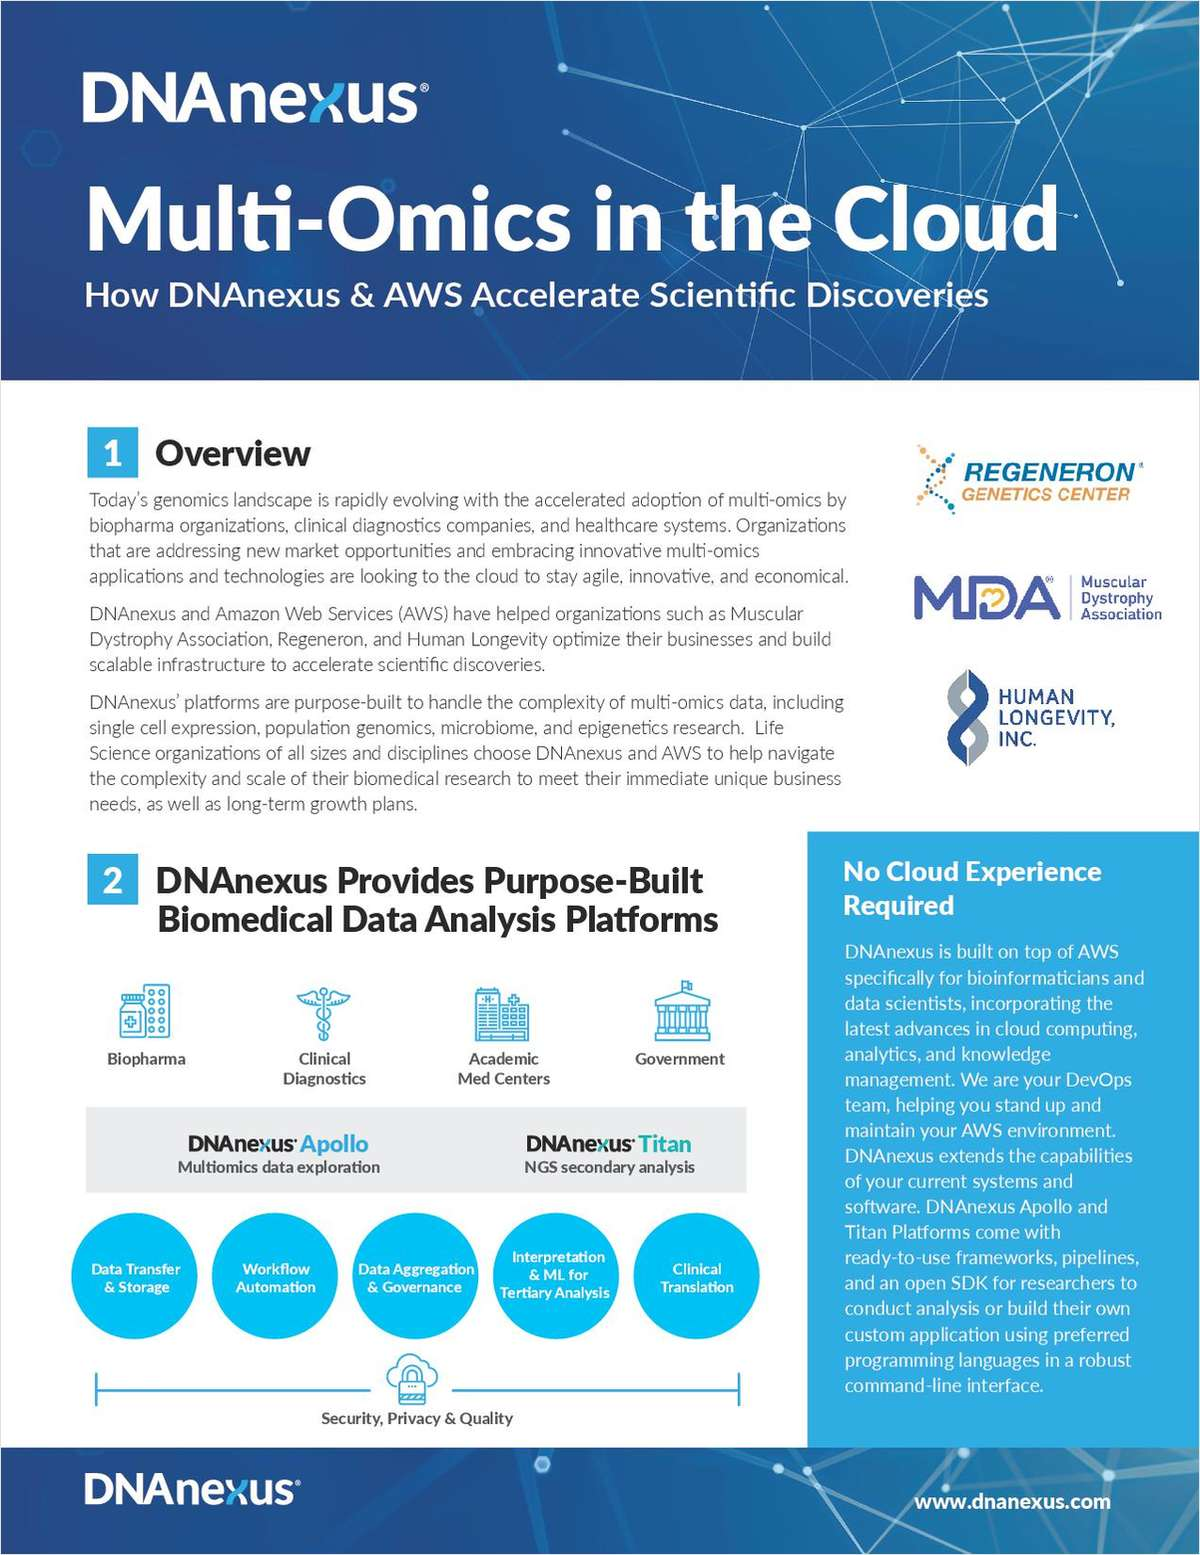 Multi-Omics in the Cloud